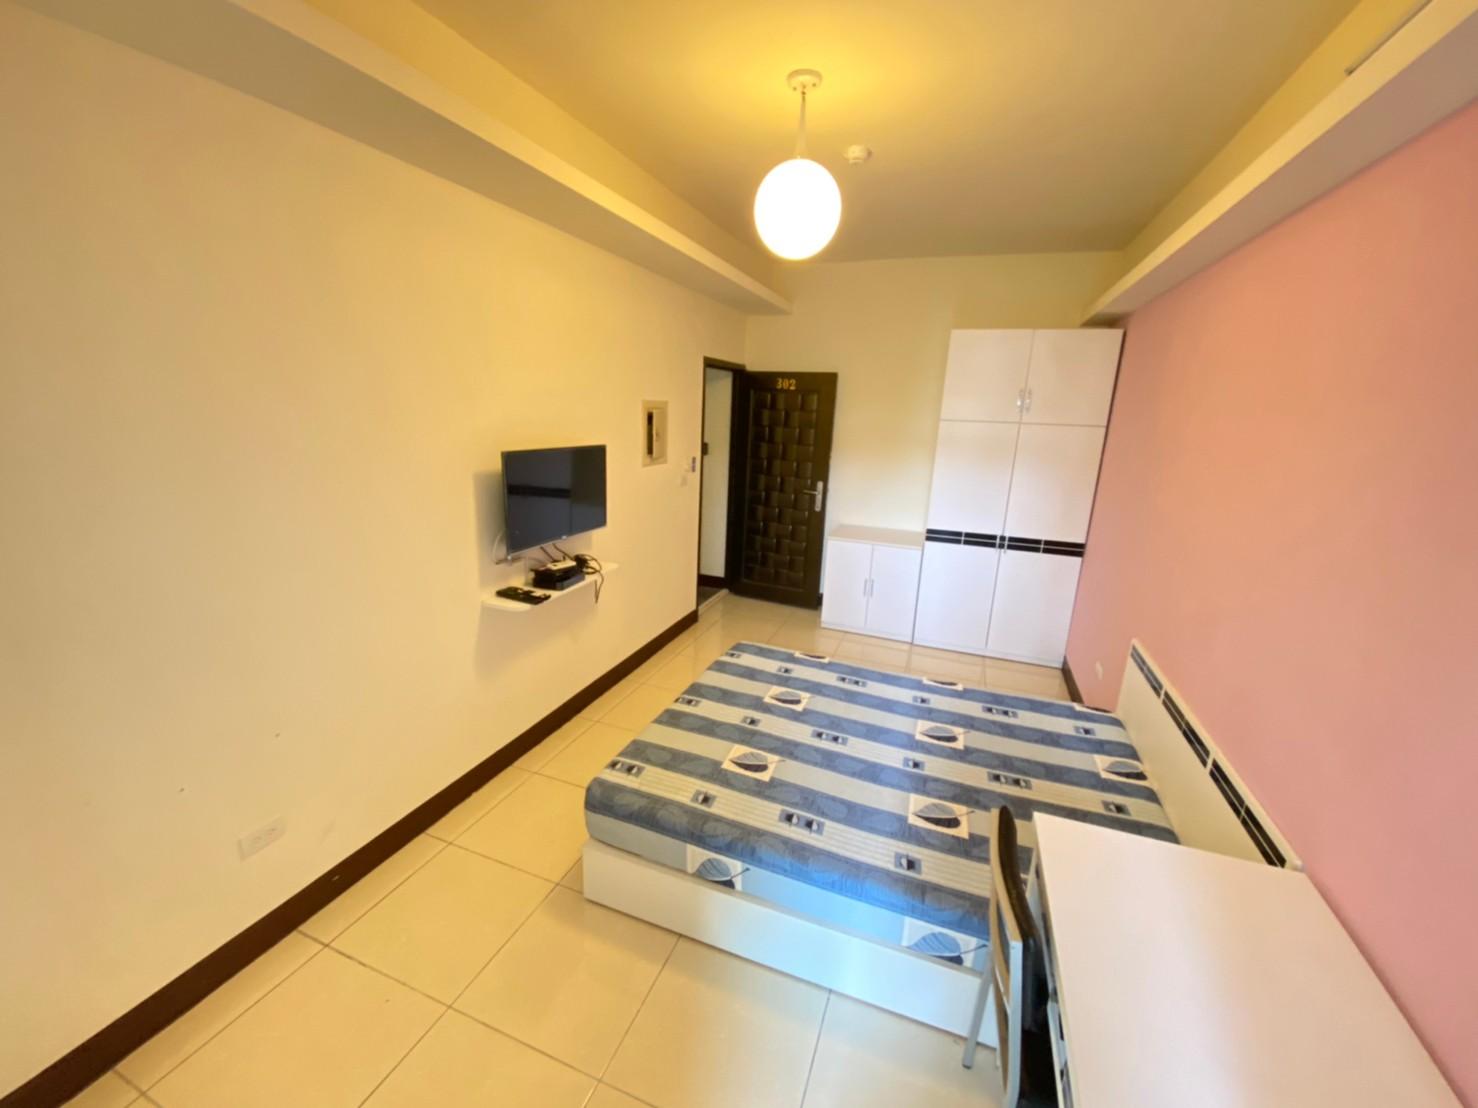 獨立陽台洗衣機電梯套房